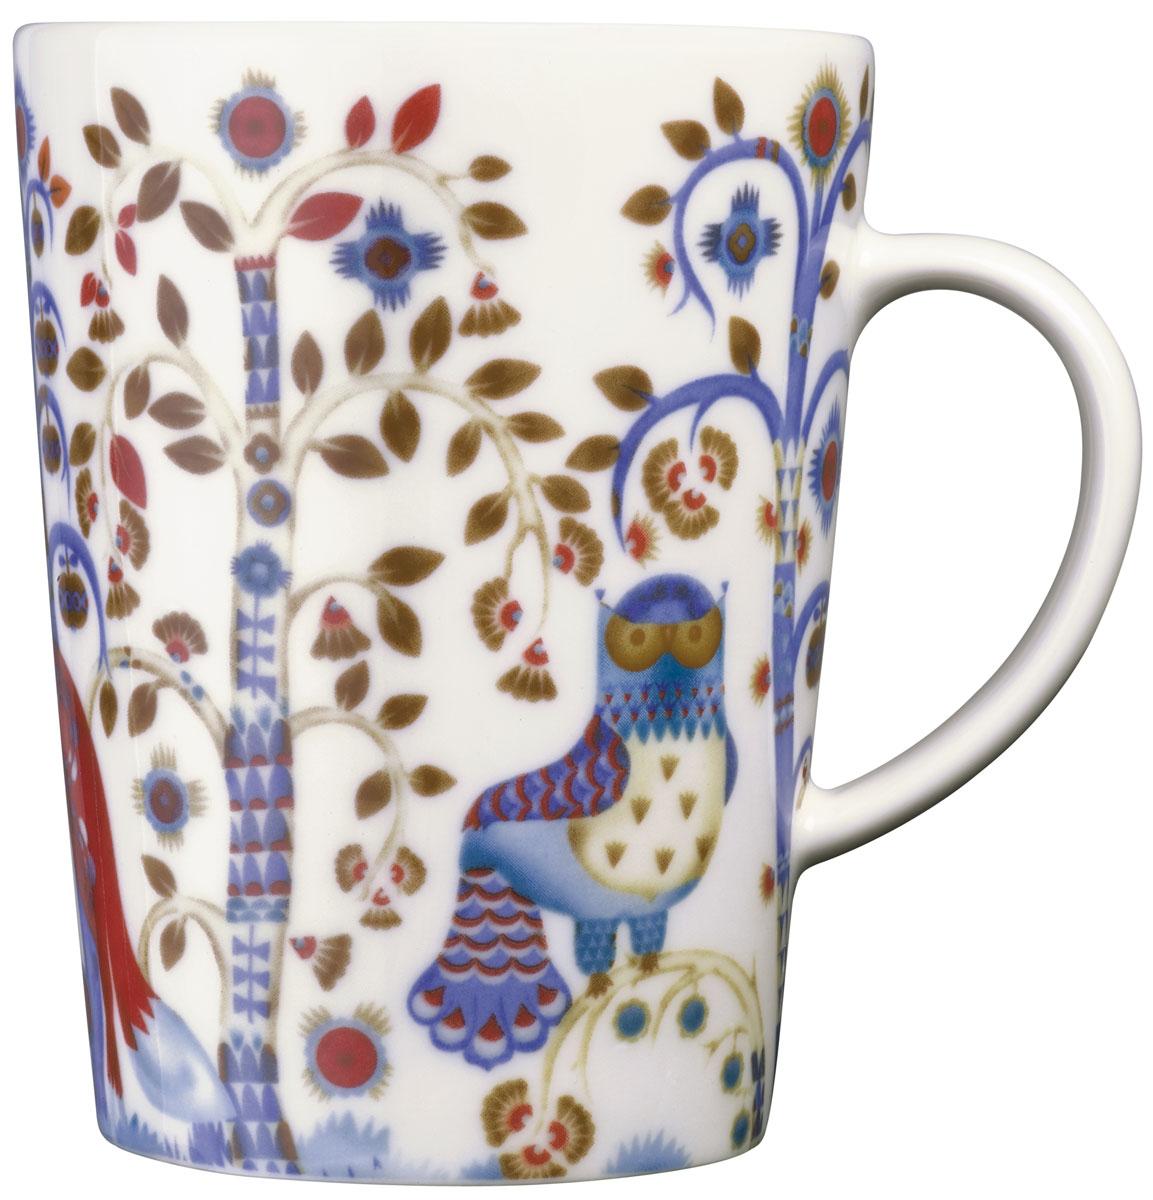 Чашка Iittala Taika, цвет: белый, 400 мл1012450Чашка Iittala Taika выполнена из качественного жароустойчивого прочного фарфора. Чашка имеет яркий дизайн, поэтому будет стильно выглядеть на любой кухне. Можно мыть в посудомоечной машине.Объем: 400 мл.